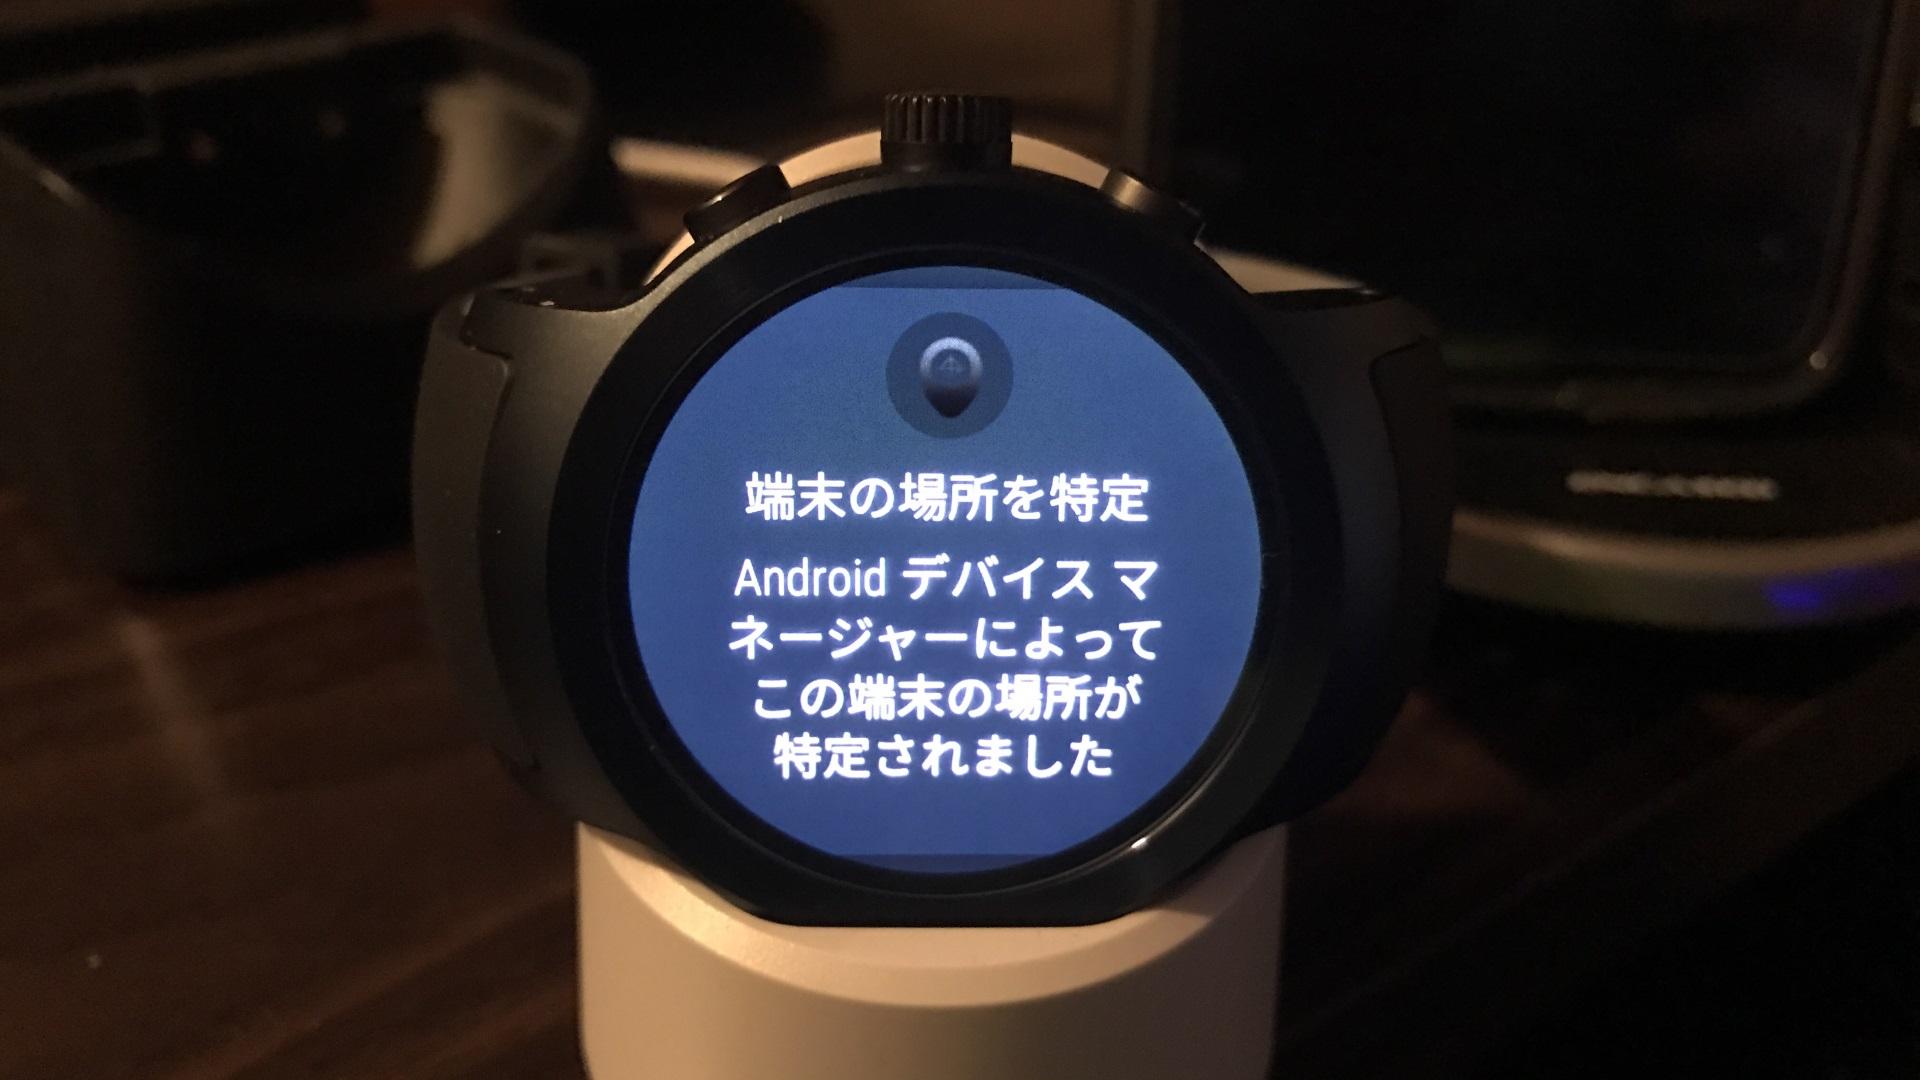 Android Wear 2.0は「Androidデバイスマネージャー」にまで対応、紛失or盗難時に探すことができます